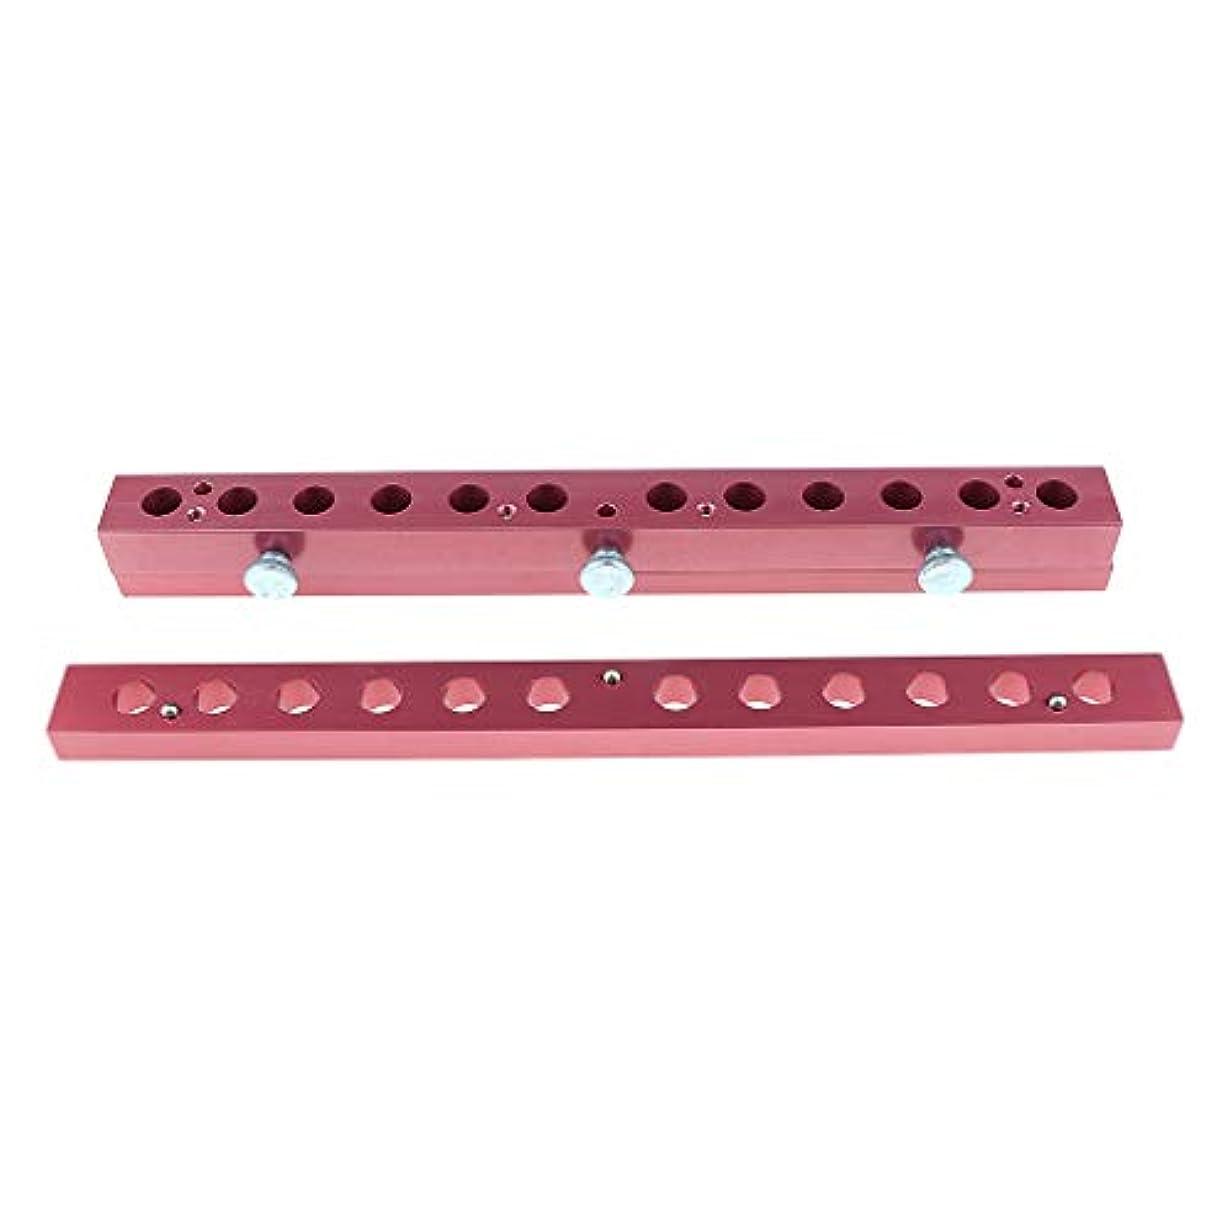 ギャップいう間違いなく12のキャビティ穴の口紅型アルミニウム12.1mmの管DIYの唇型の詰物 - 2way